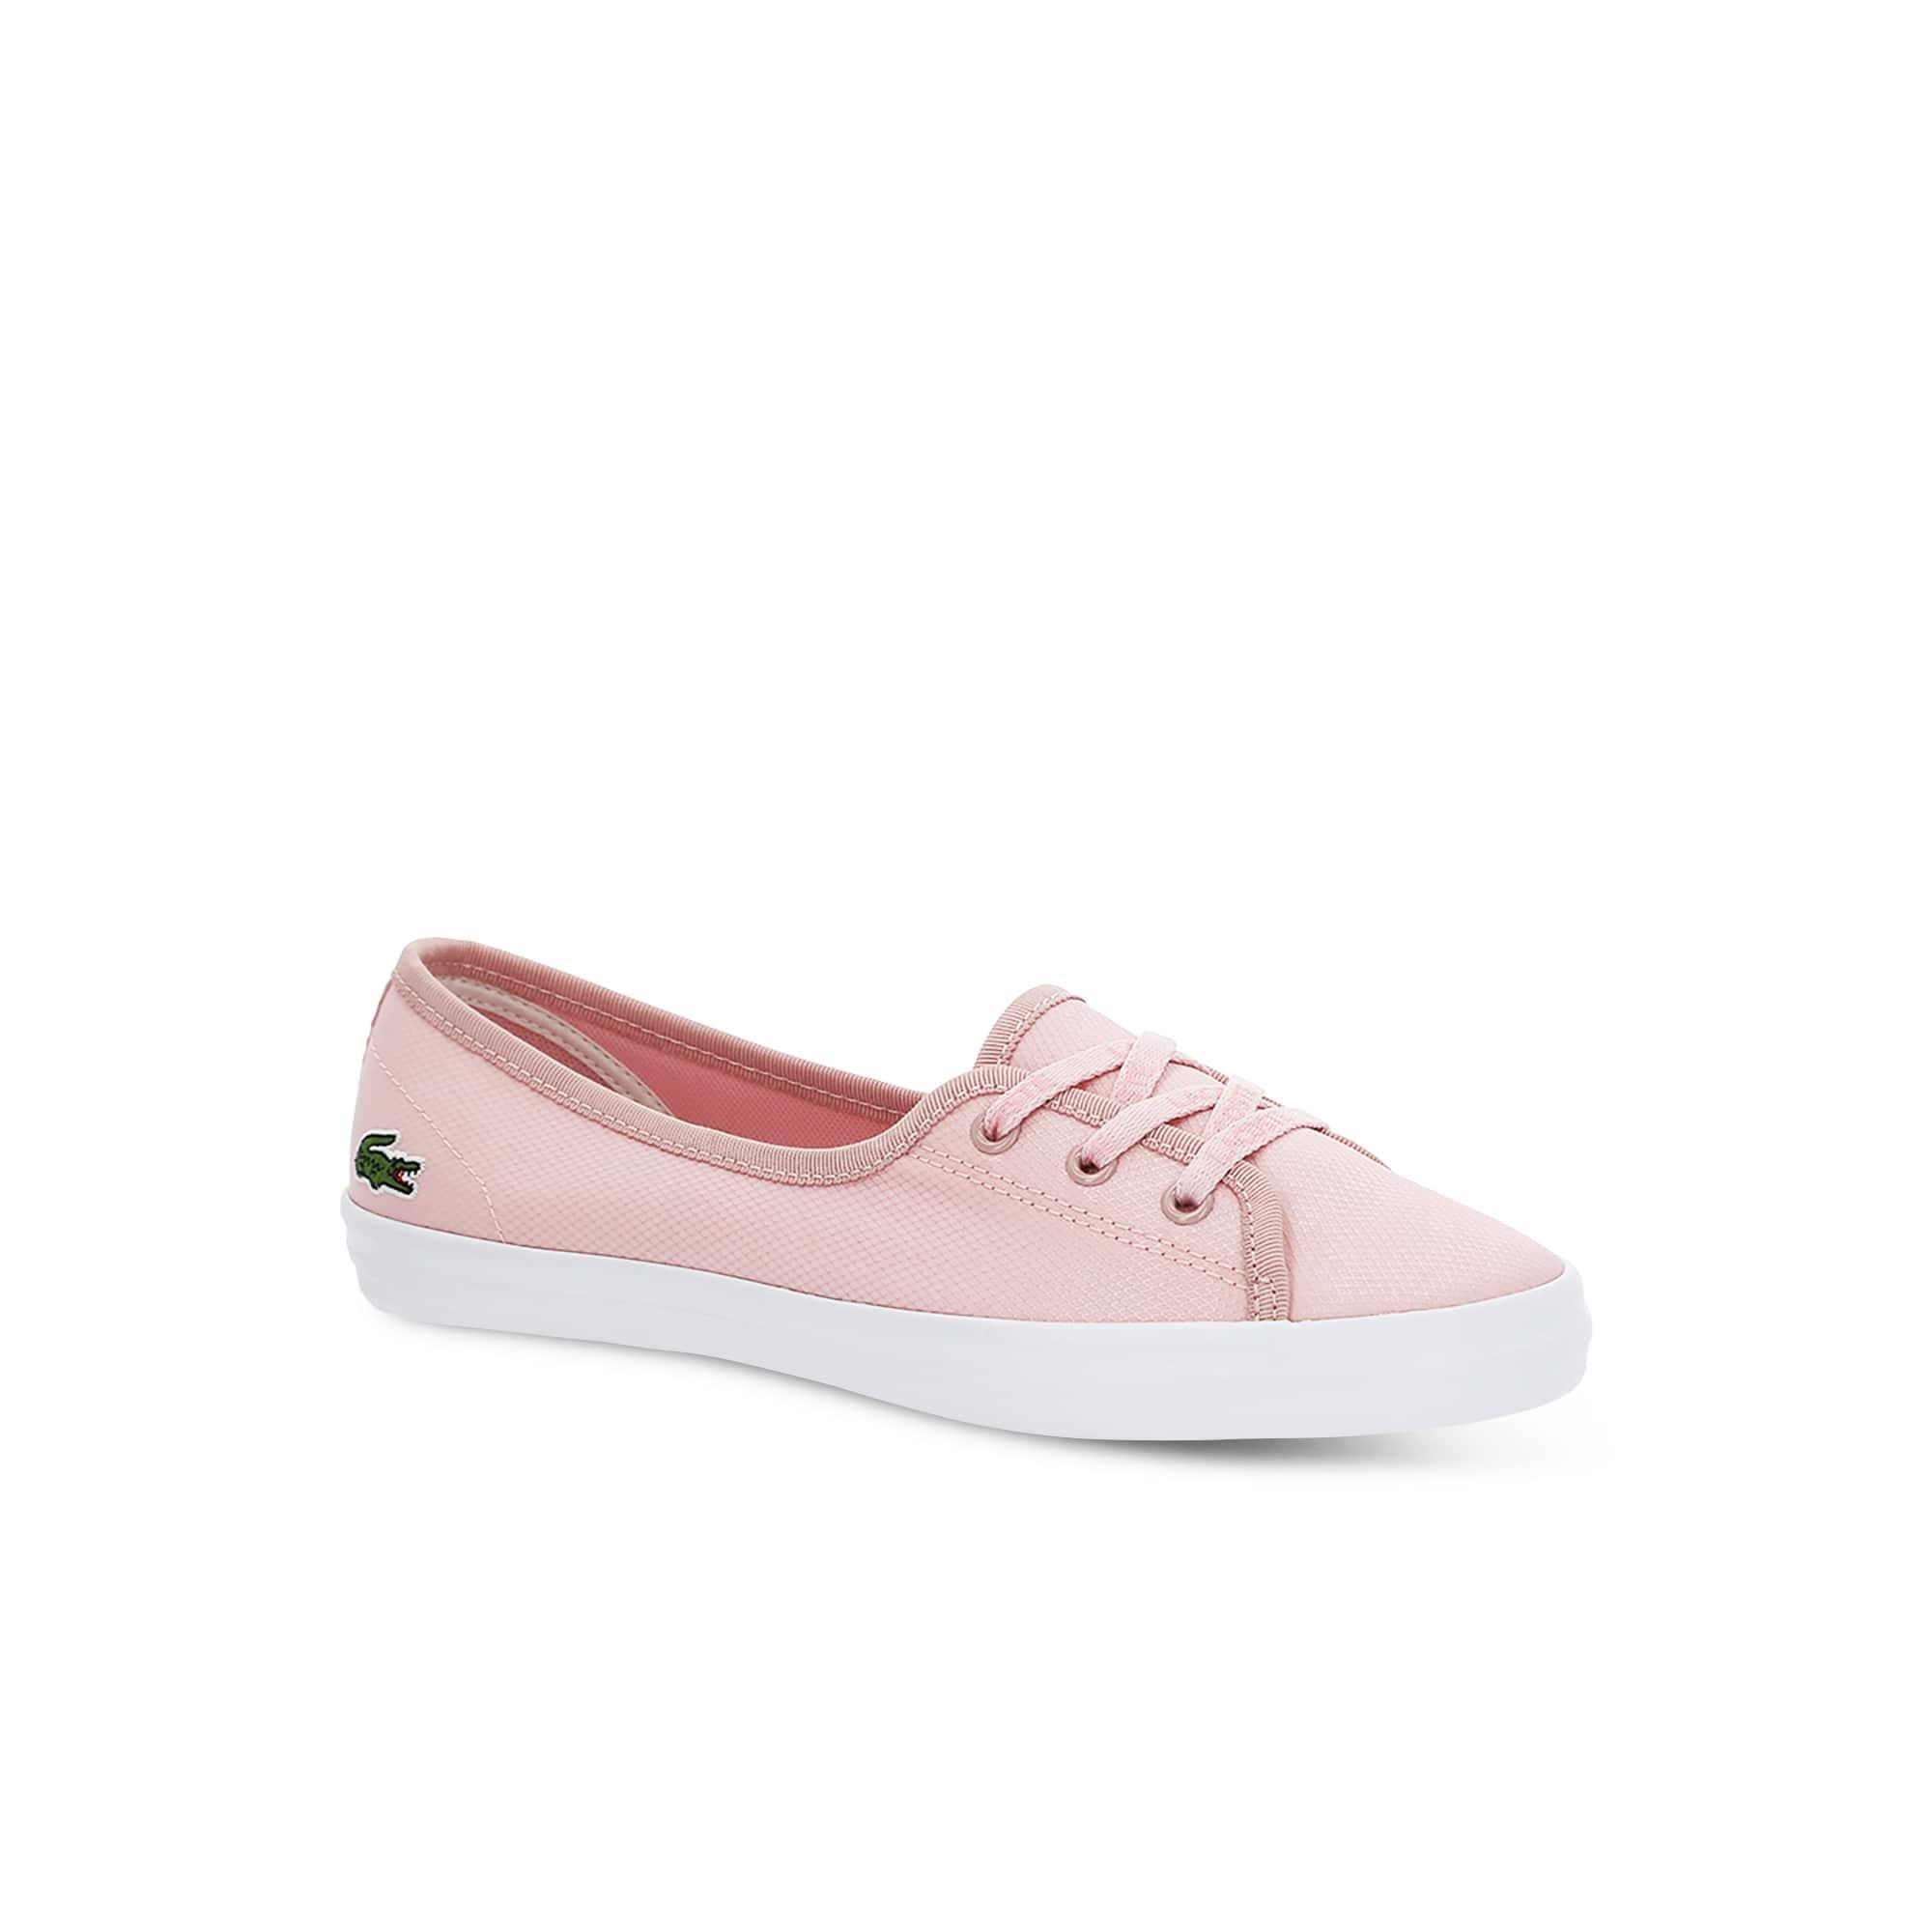 52576a657da1e1 ... Shoes. CHF 139